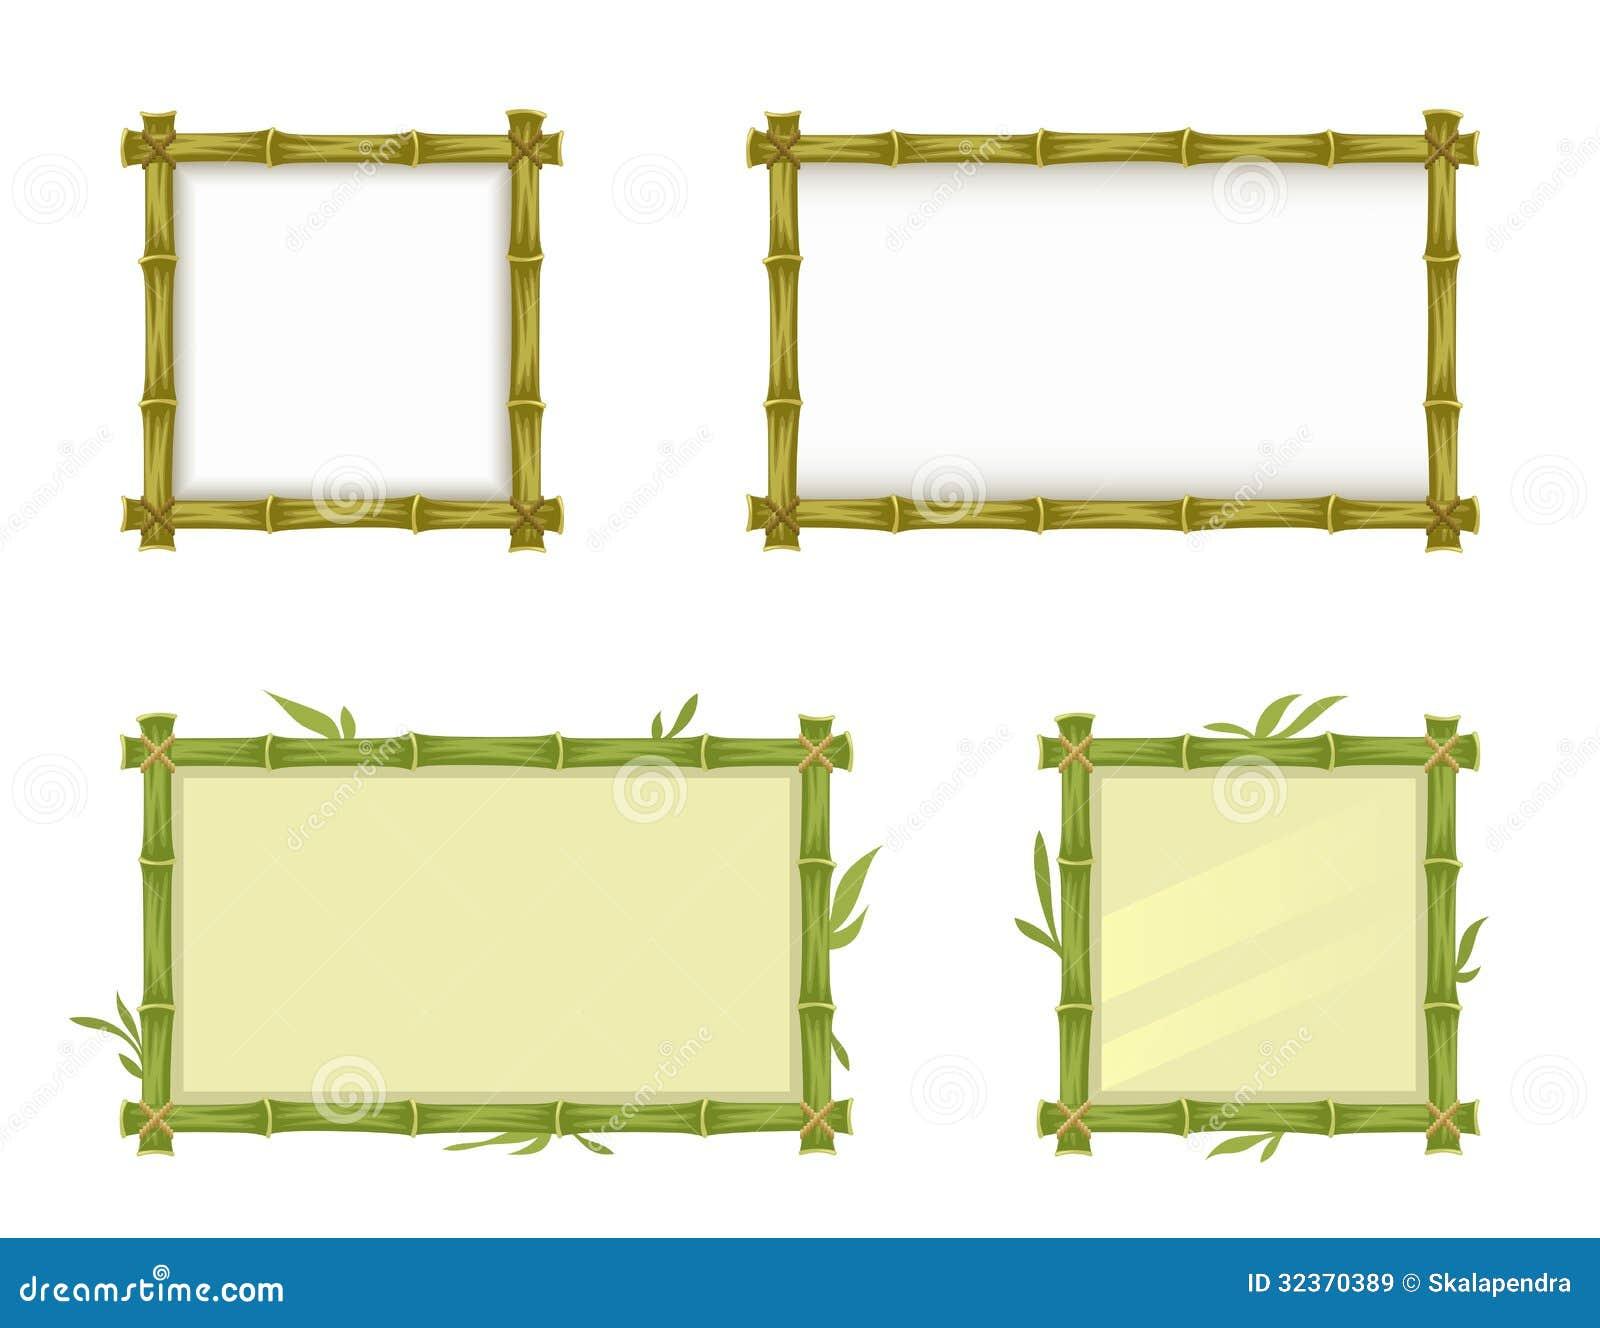 Bambusrahmen vektor abbildung. Illustration von braun - 32370389